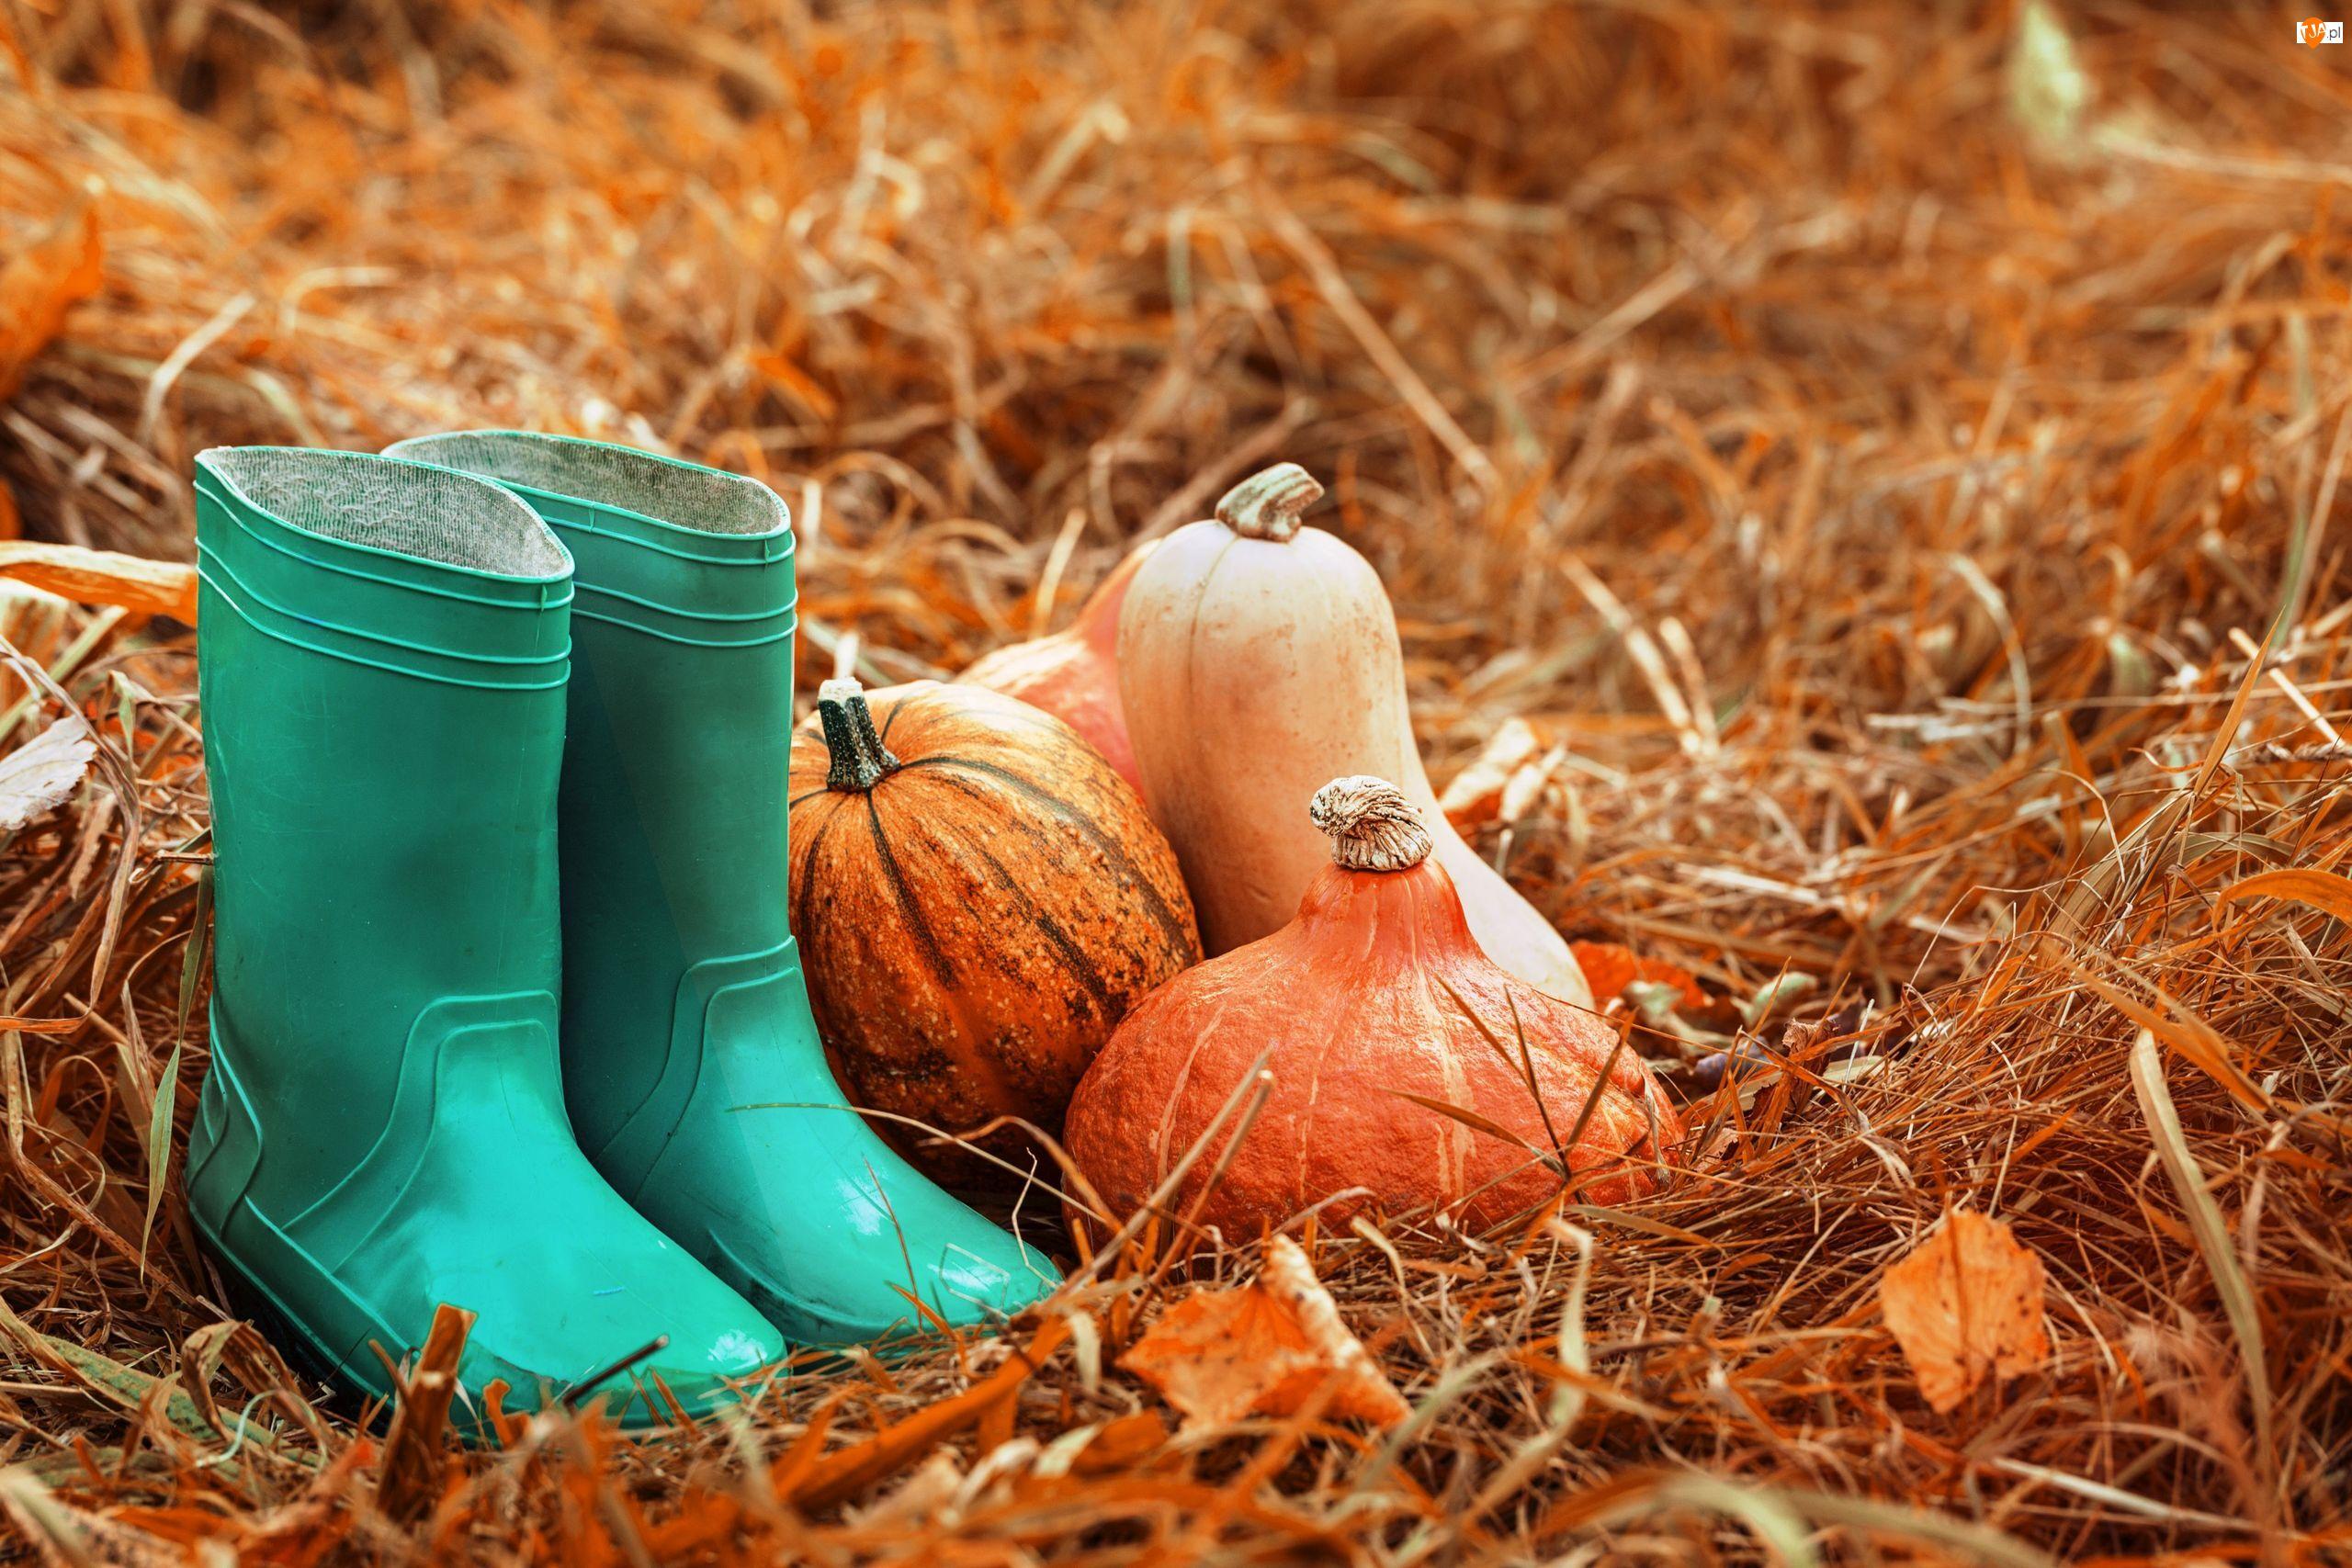 Ogród, Jesień, Dynie, Liście, Kalosze, Trawa